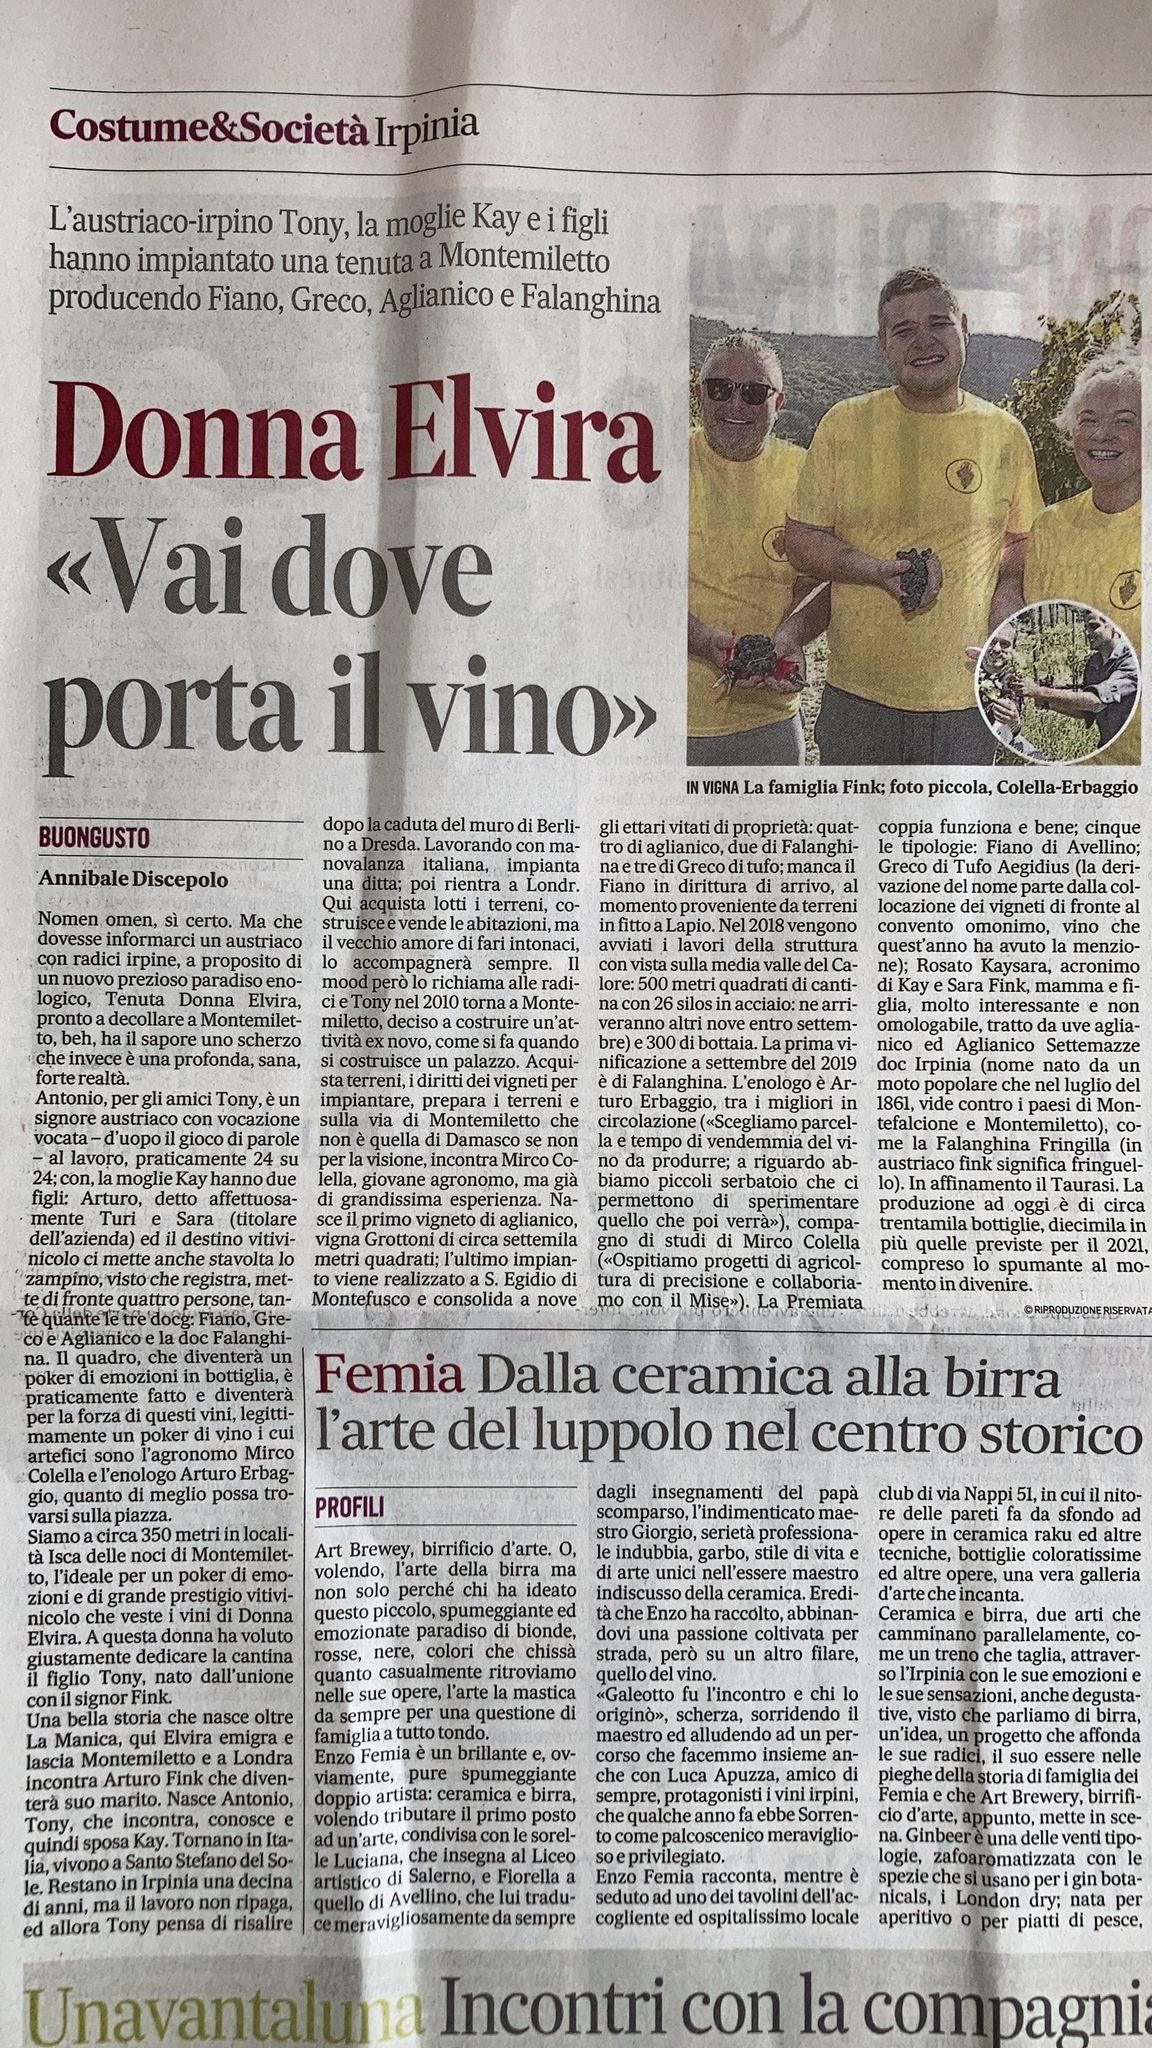 Il Mattino Feature